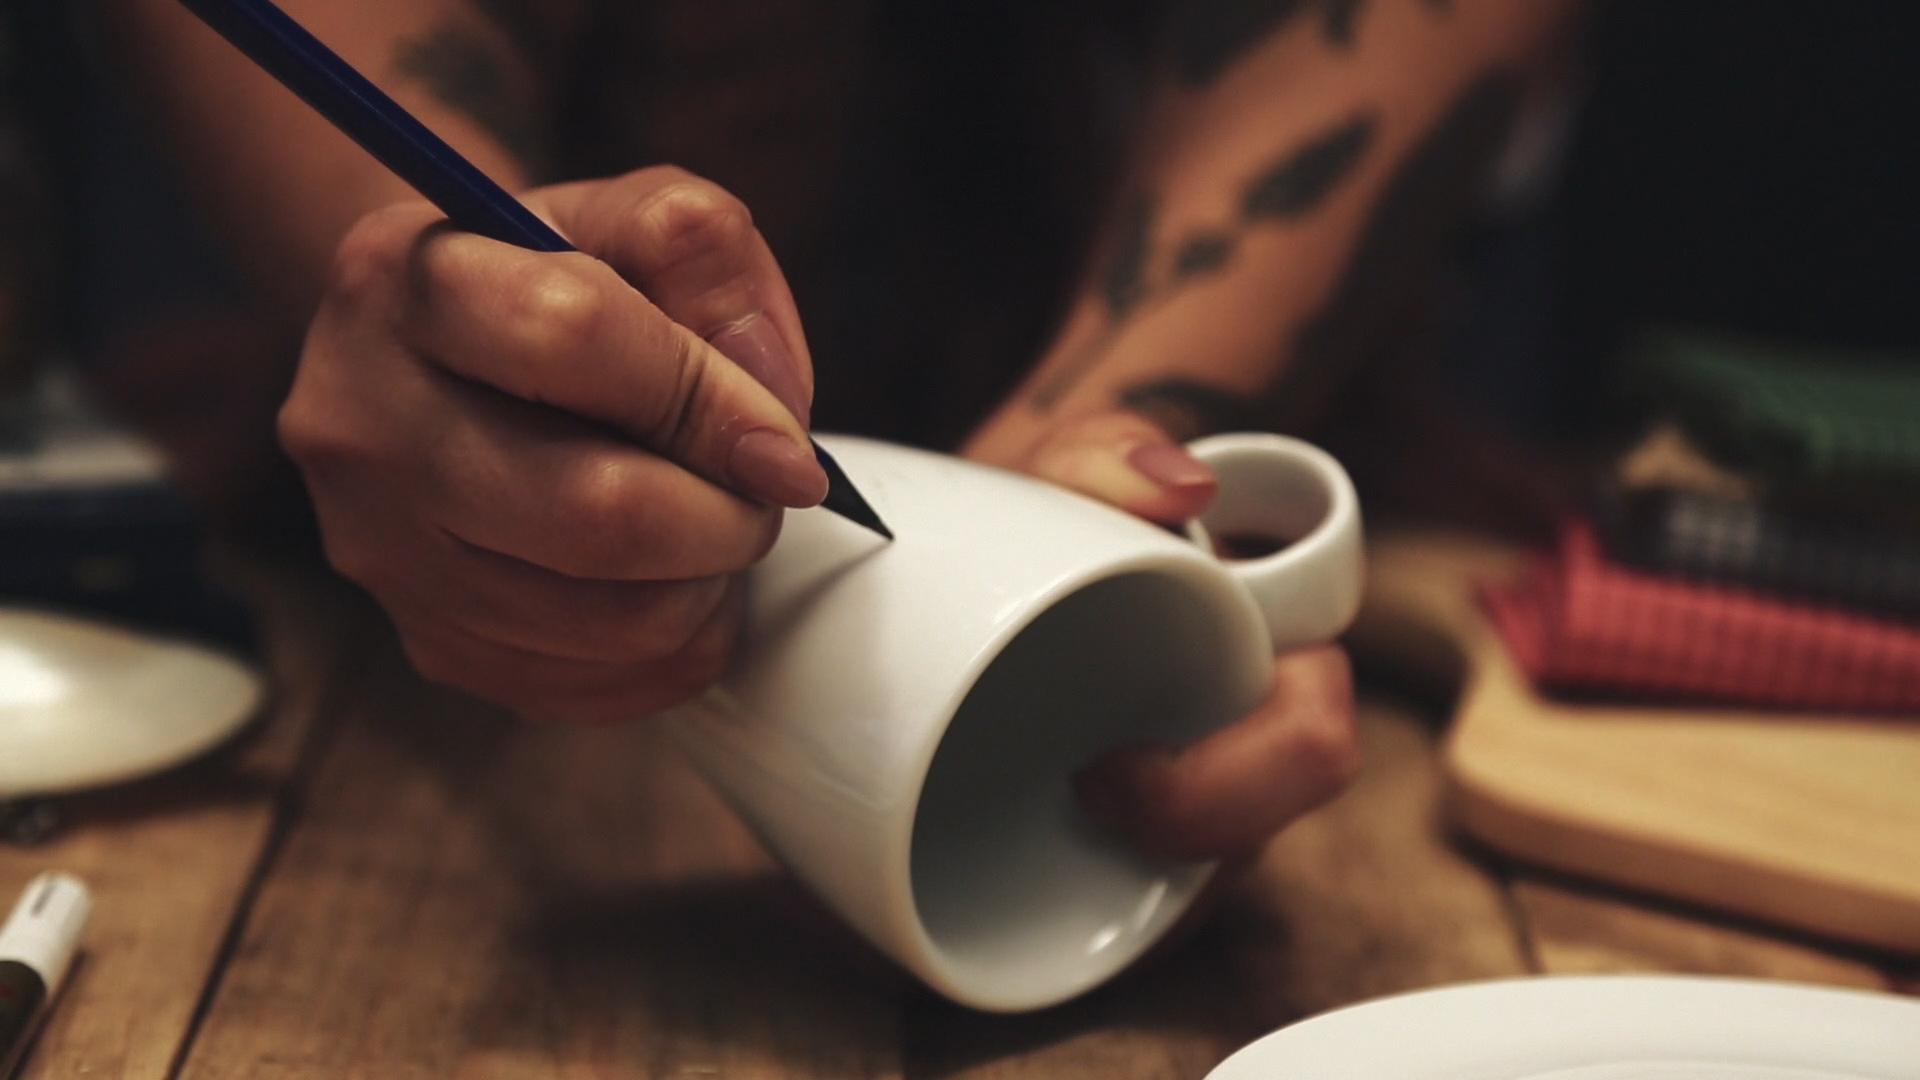 Einen Entwurf mit dem Bleistift vorzeichnen...